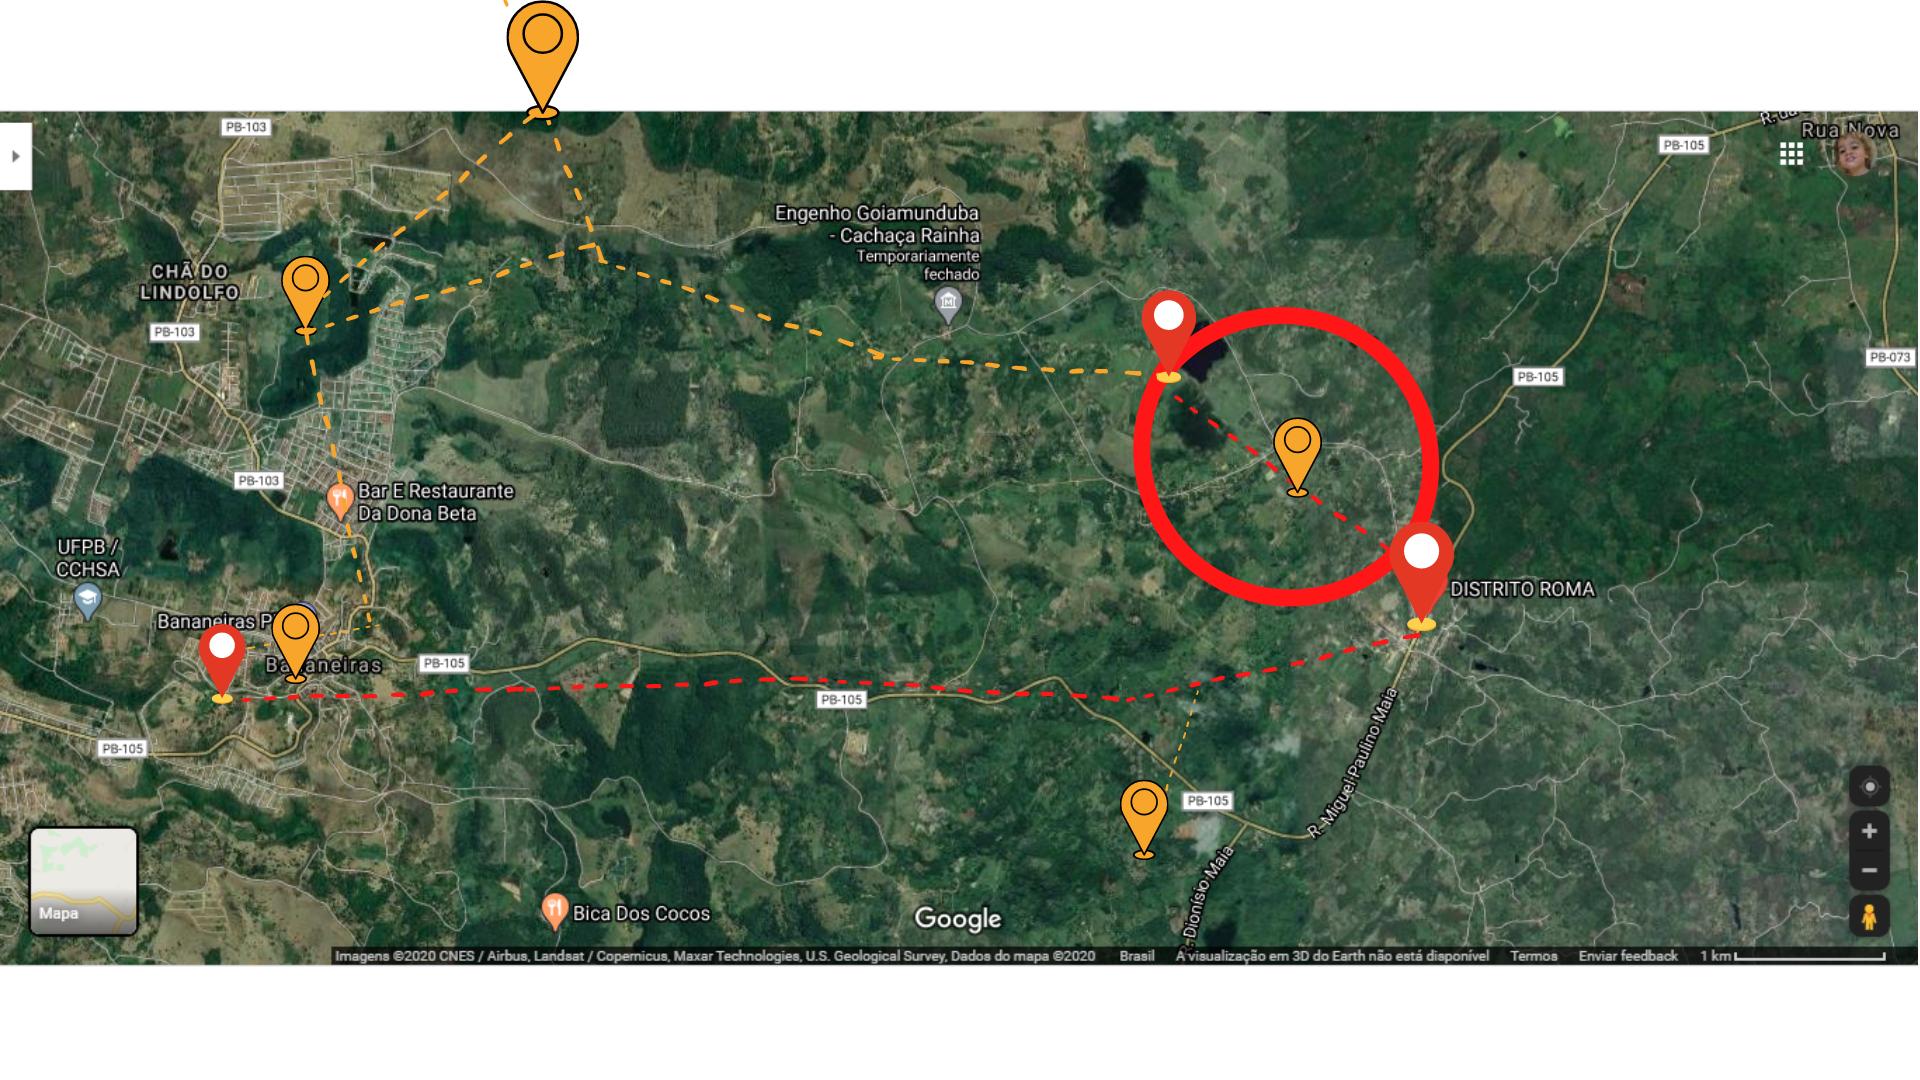 O mapa acima está disponível no Google Maps, cujos pinos de localização foram colocados para representar as localidades com casos confirmados e/ou suspeitos e estão de forma